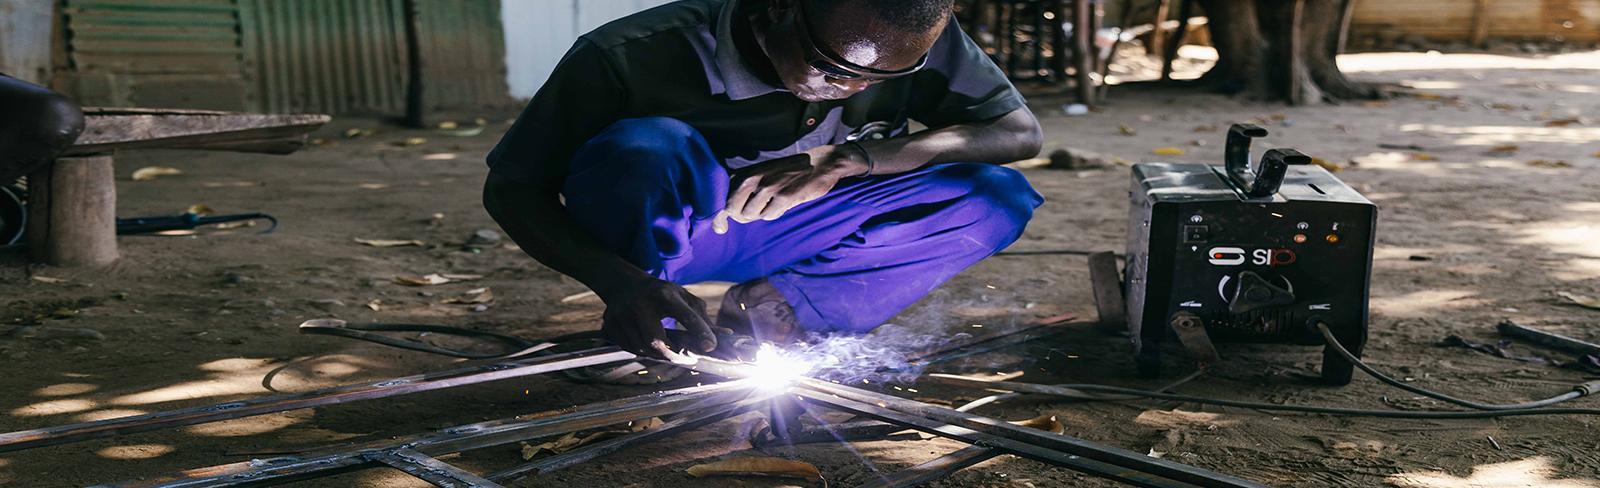 Kenya, welder.